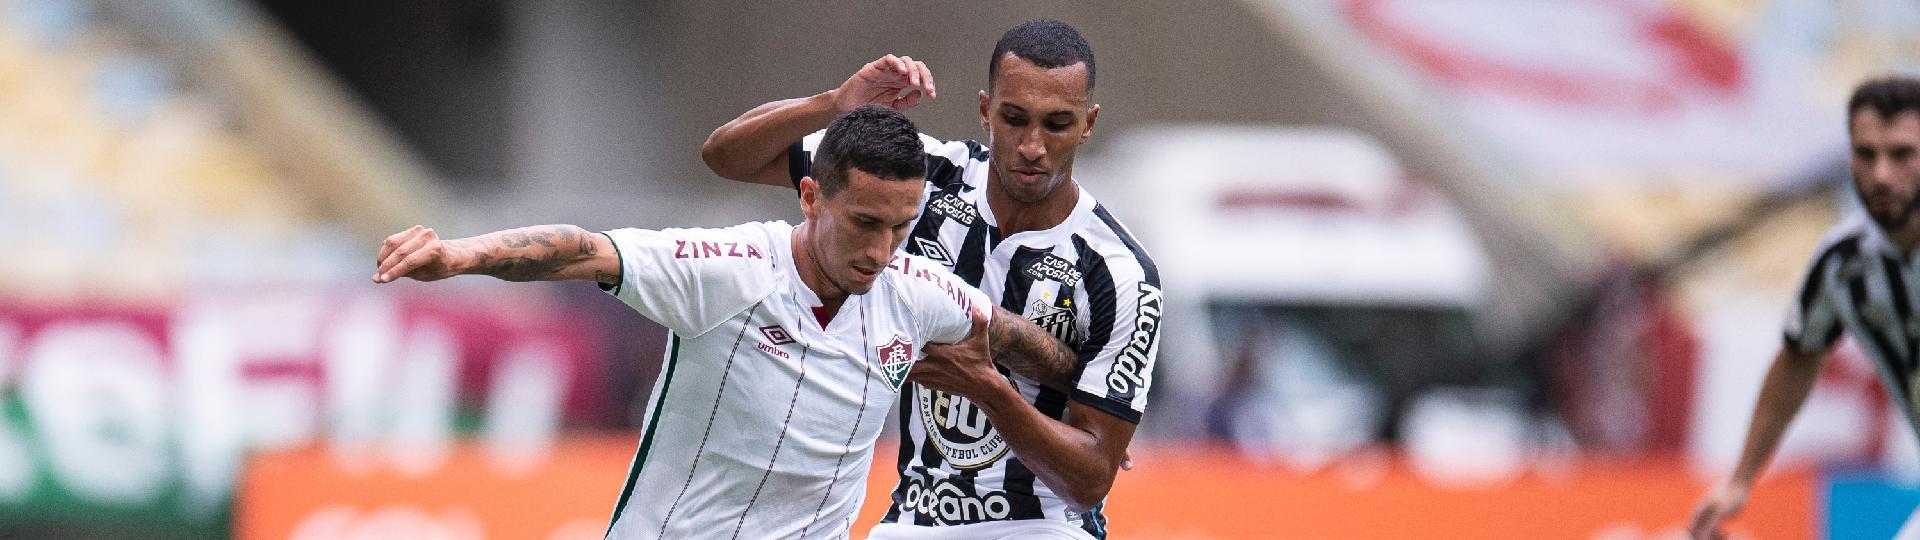 Dodi, do Fluminense, tenta passar pela marcação de Lucas Braga, do Santos